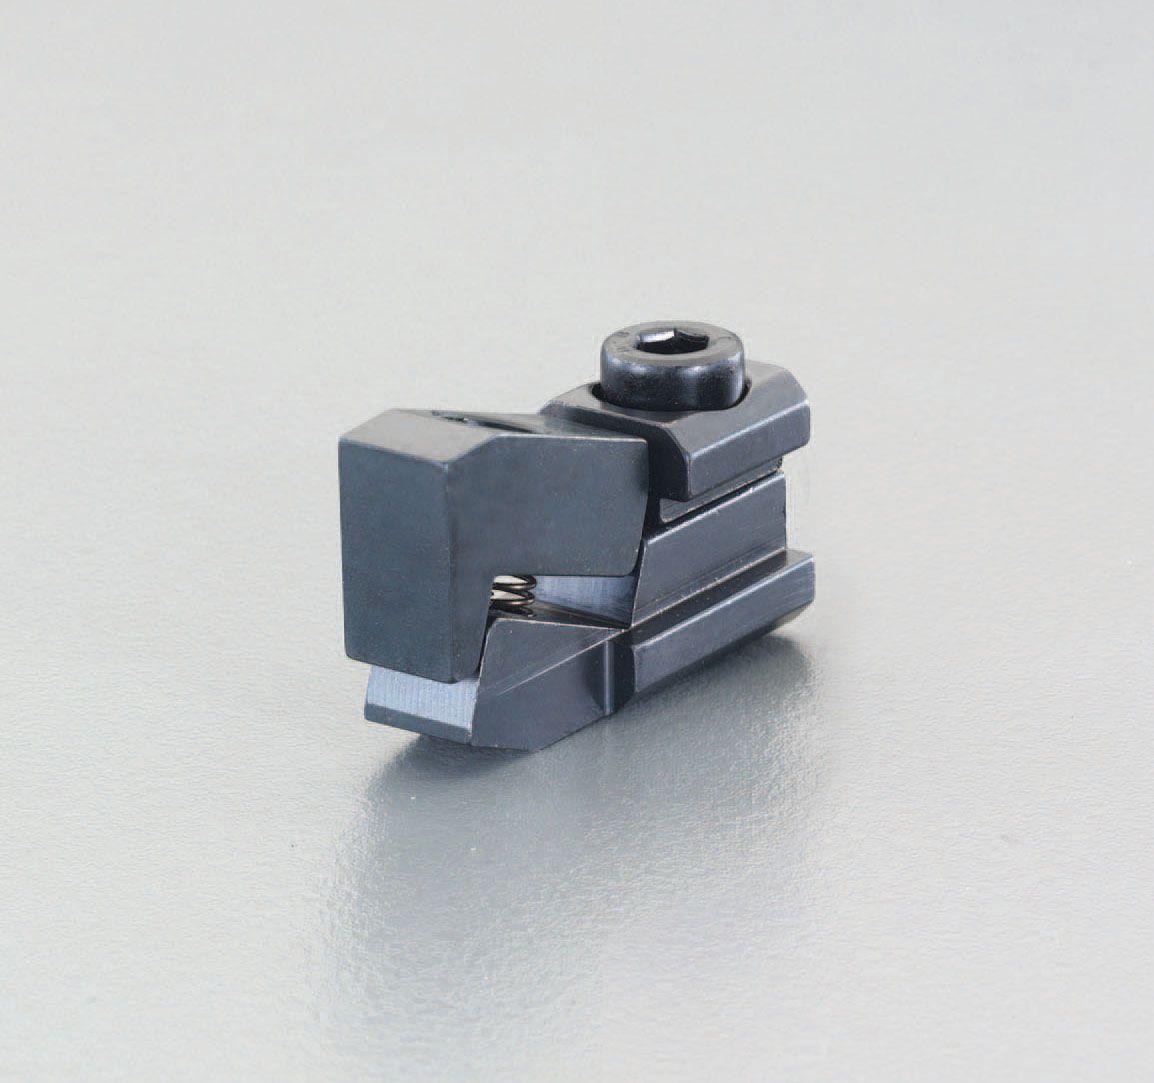 【メーカー在庫あり】 エスコ ESCO 呼14/1.5-13.5mm プルダウンクランプ 2個 000012210046 JP店